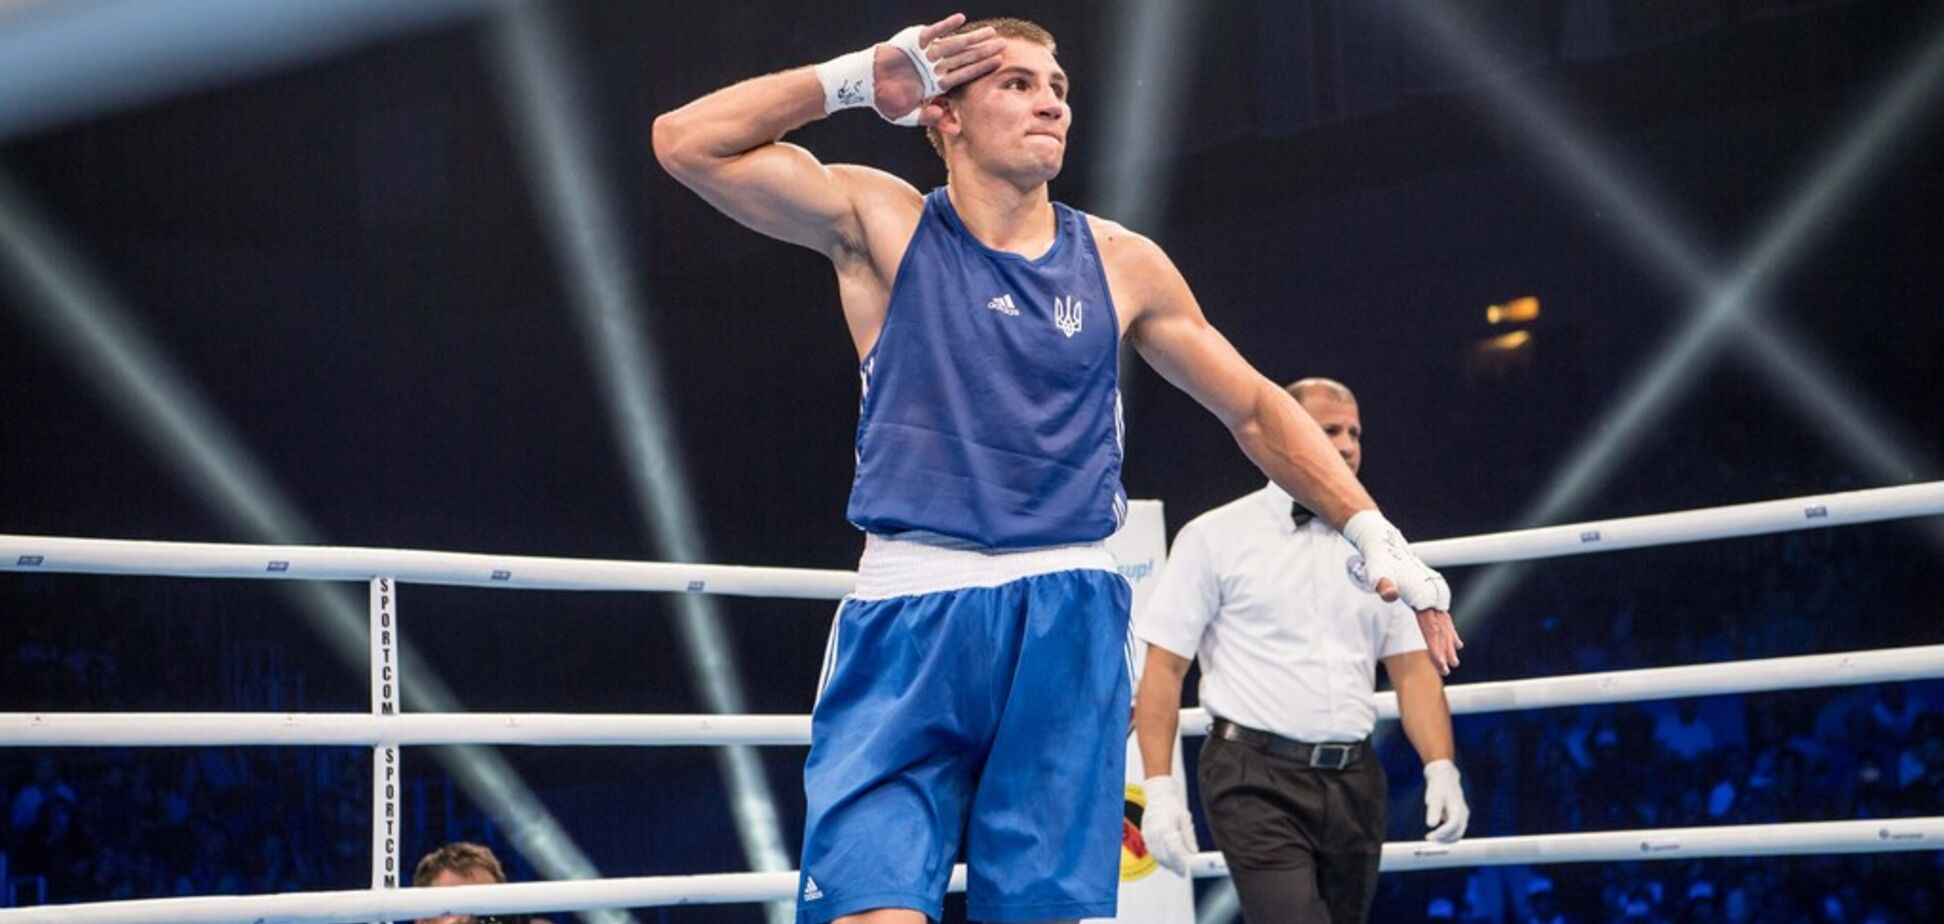 Победа украинского боксера на Европейских играх вызвала истерику в России